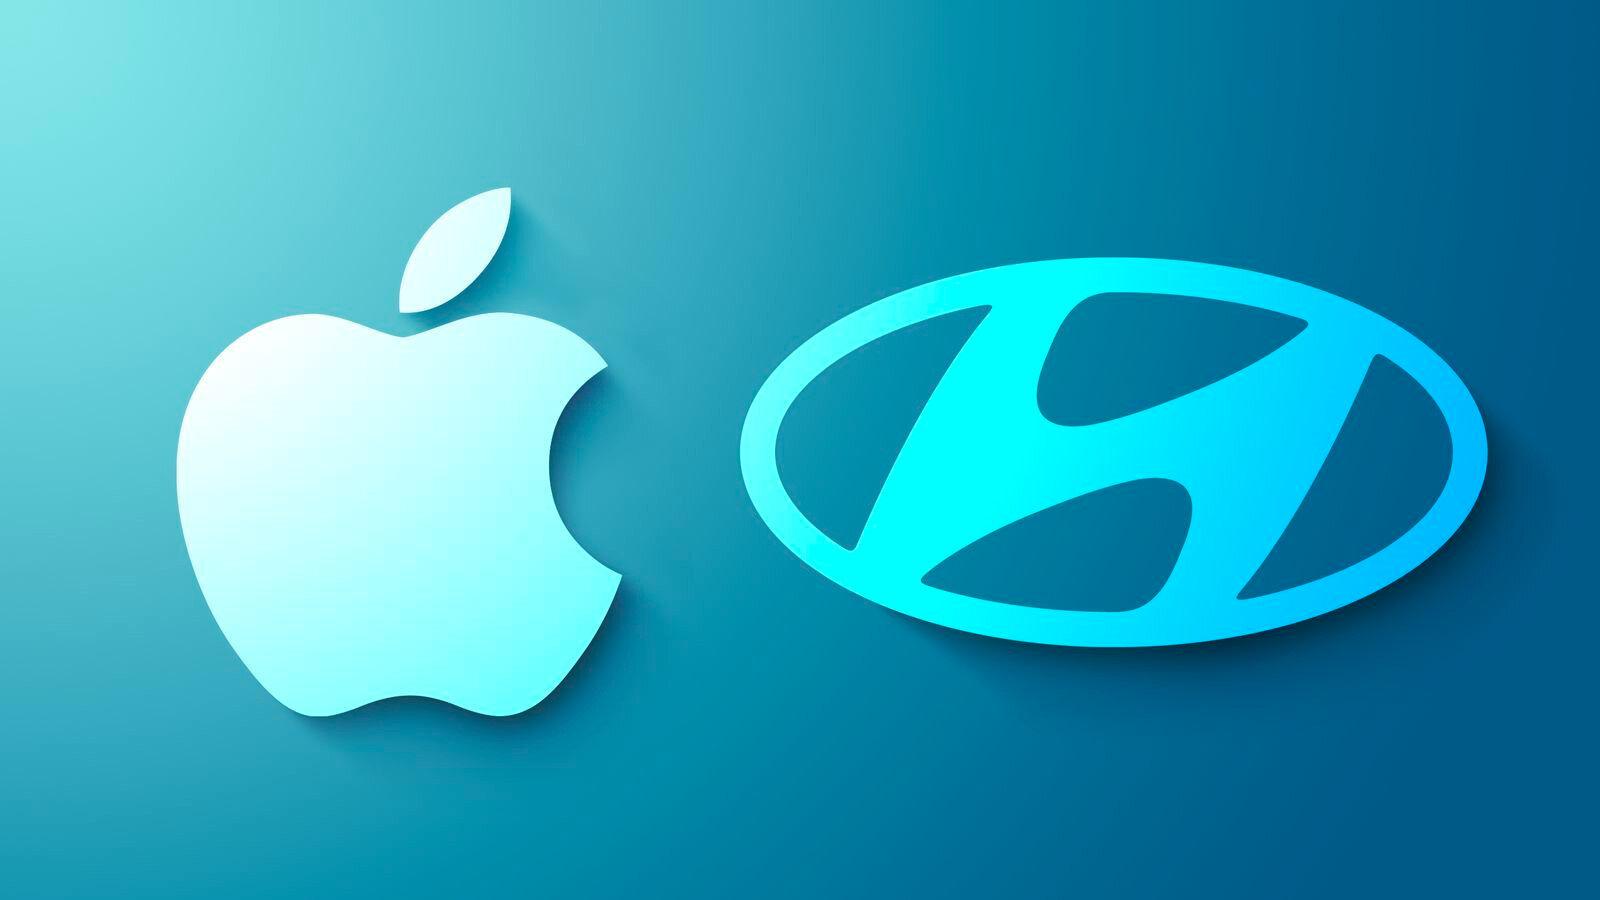 Hyundai iş birliği konusunda Apple'dan bir cevap yok. Ancak bir yandan farklı otomobil üreticileriyle de görüşüldüğü biliniyor.